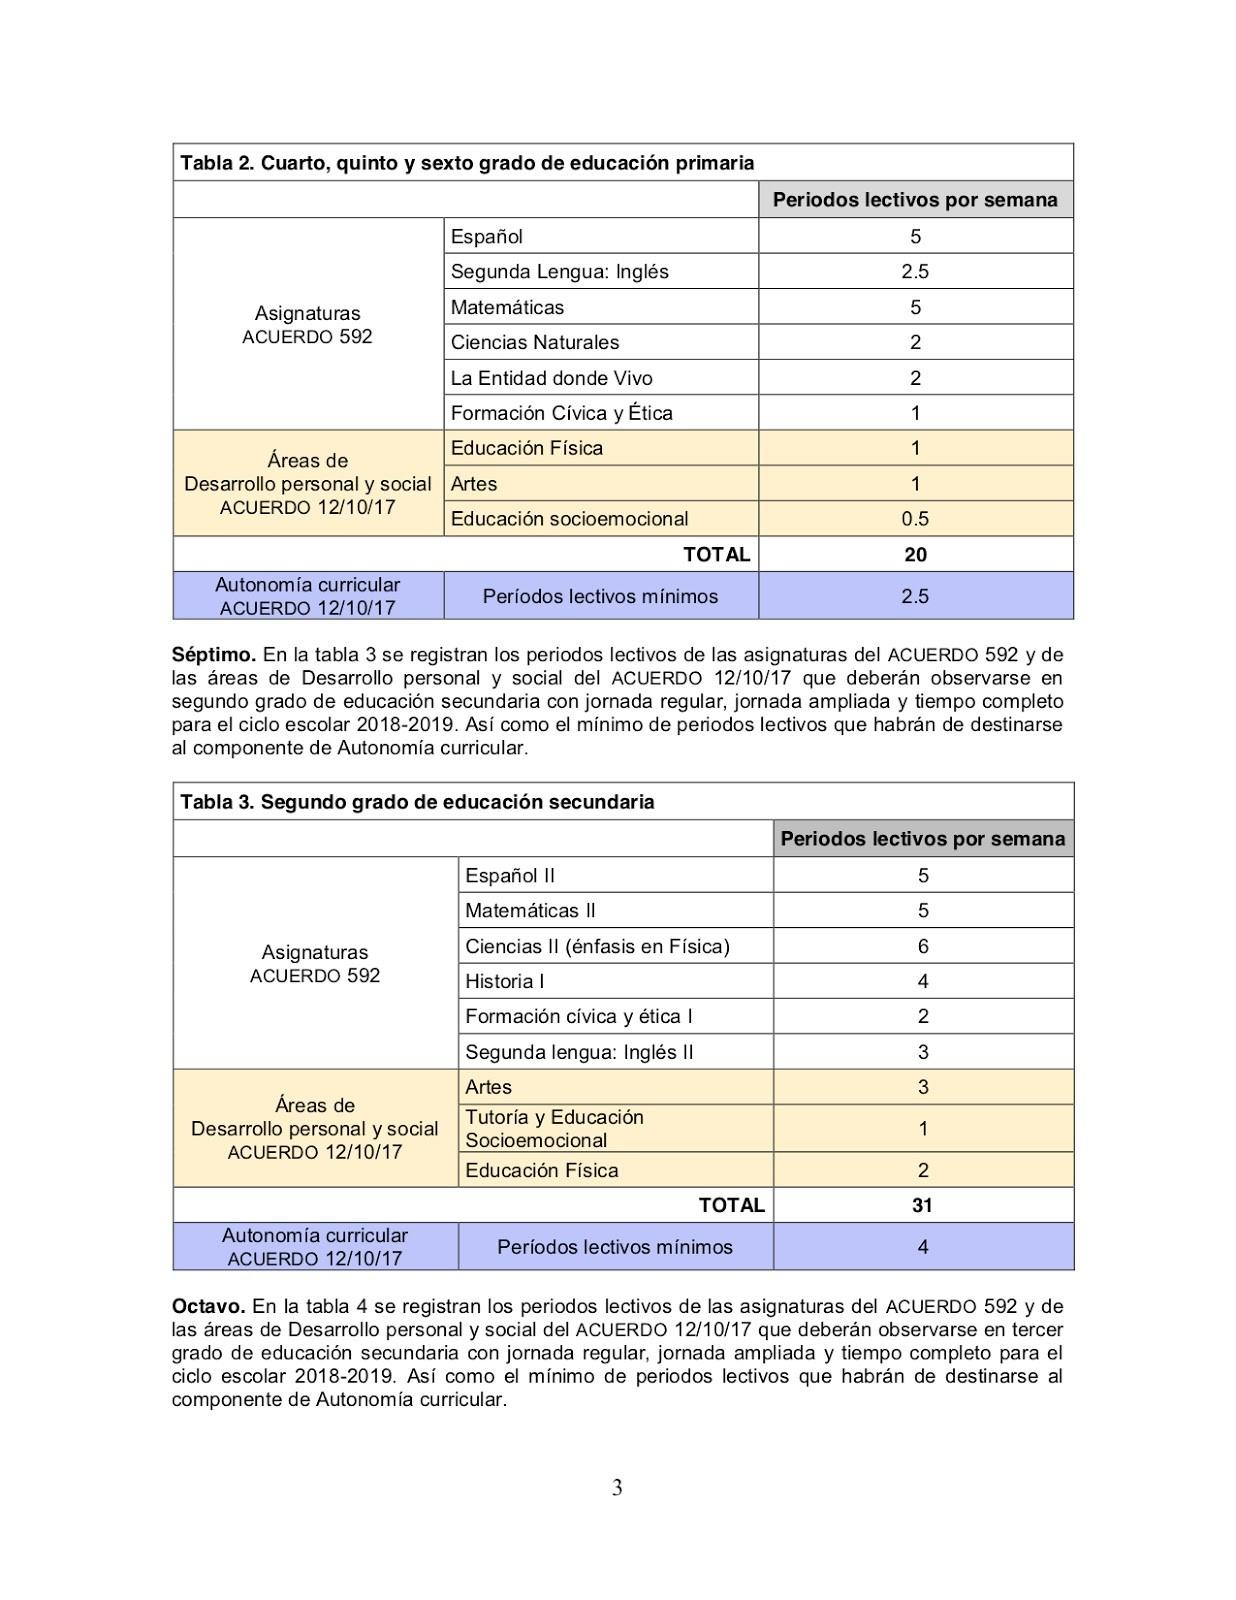 Calendario Escolar 2019 Sep Puebla Más Recientes Jefe De Ense±anza Zona 09 Secundarias Técnicas Junio 2018 Of Calendario Escolar 2019 Sep Puebla Más Populares Universidad De Costa Rica Sistema De Estudios De Posgrado Maestra